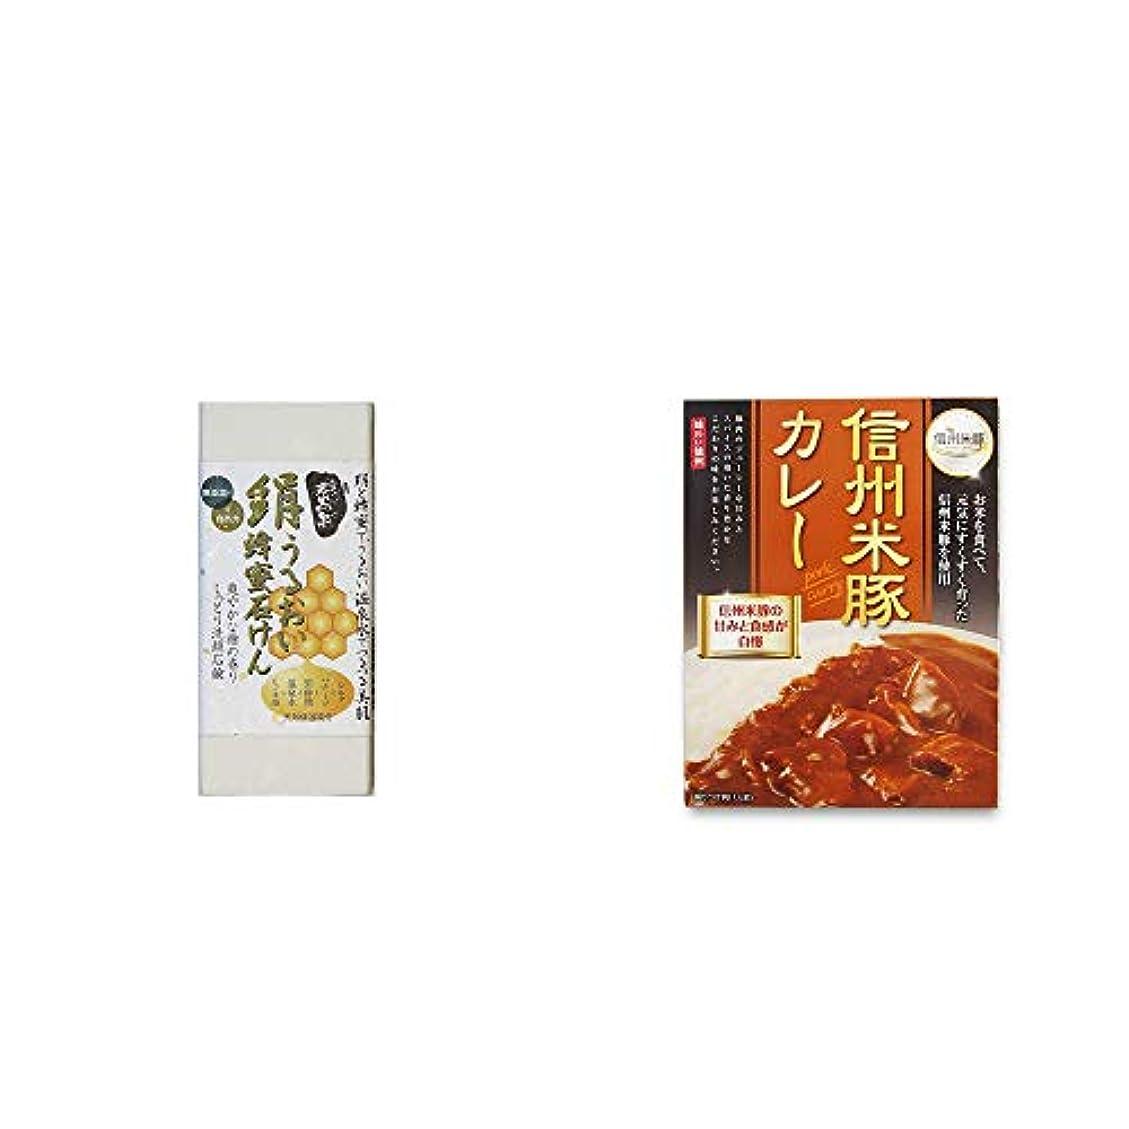 びん博物館ブレス[2点セット] ひのき炭黒泉 絹うるおい蜂蜜石けん(75g×2)?信州米豚カレー(1食分)